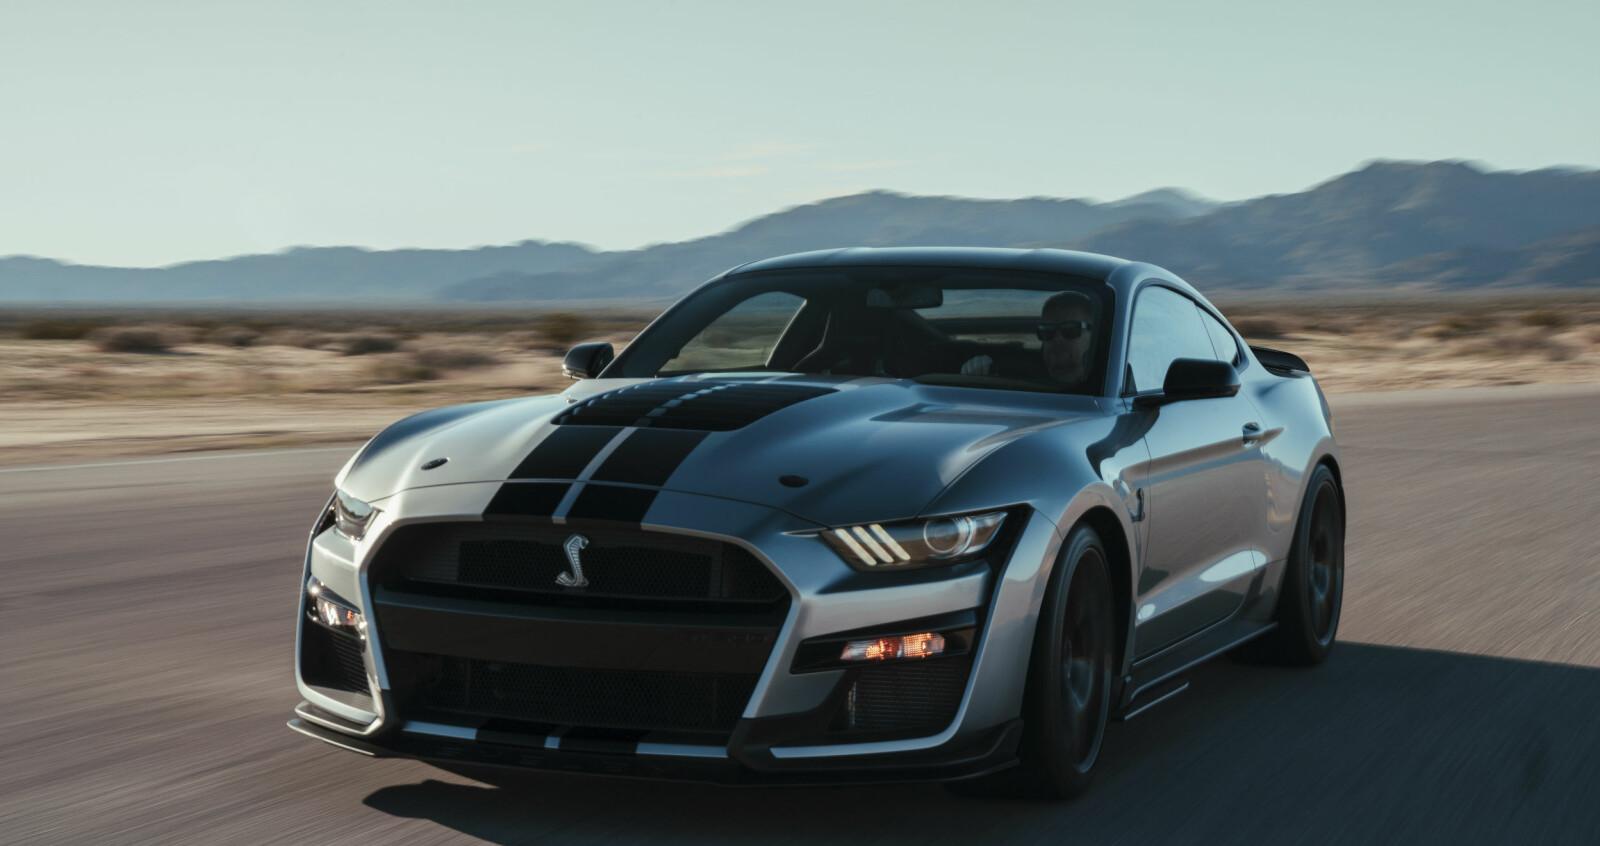 GLUPSK: Grillen og luftinntakene er glupskere enn noensinne på en Mustang.